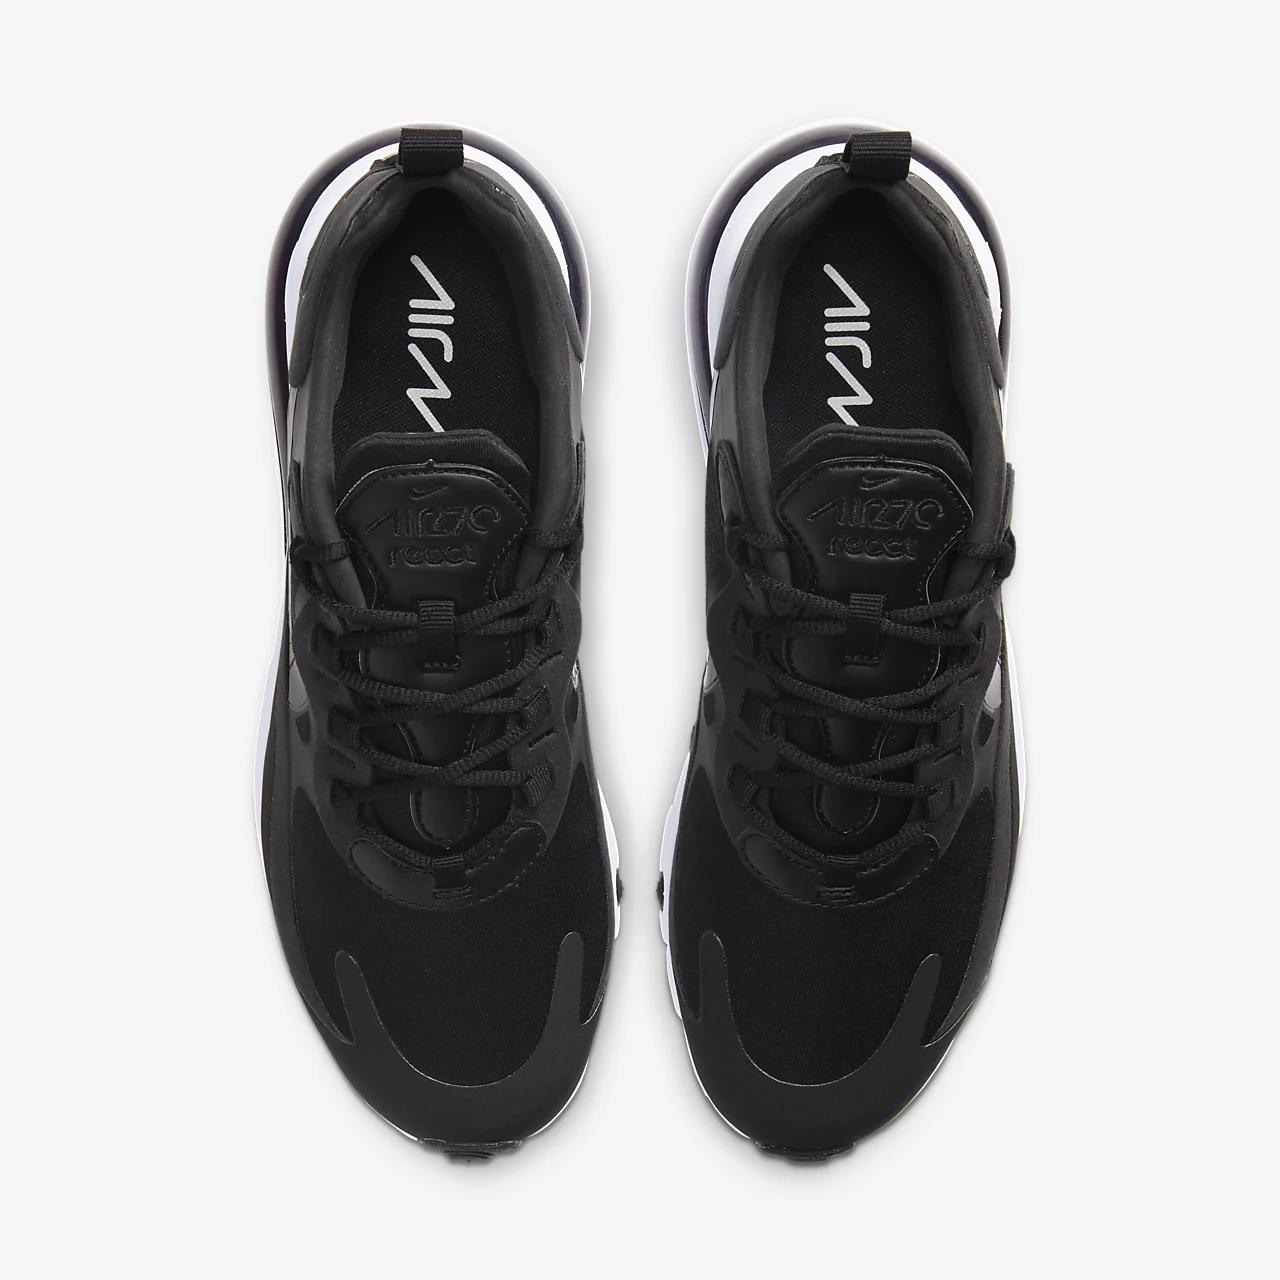 나이키 에어 맥스 270 리액트 여성 신발 CJ0619-002